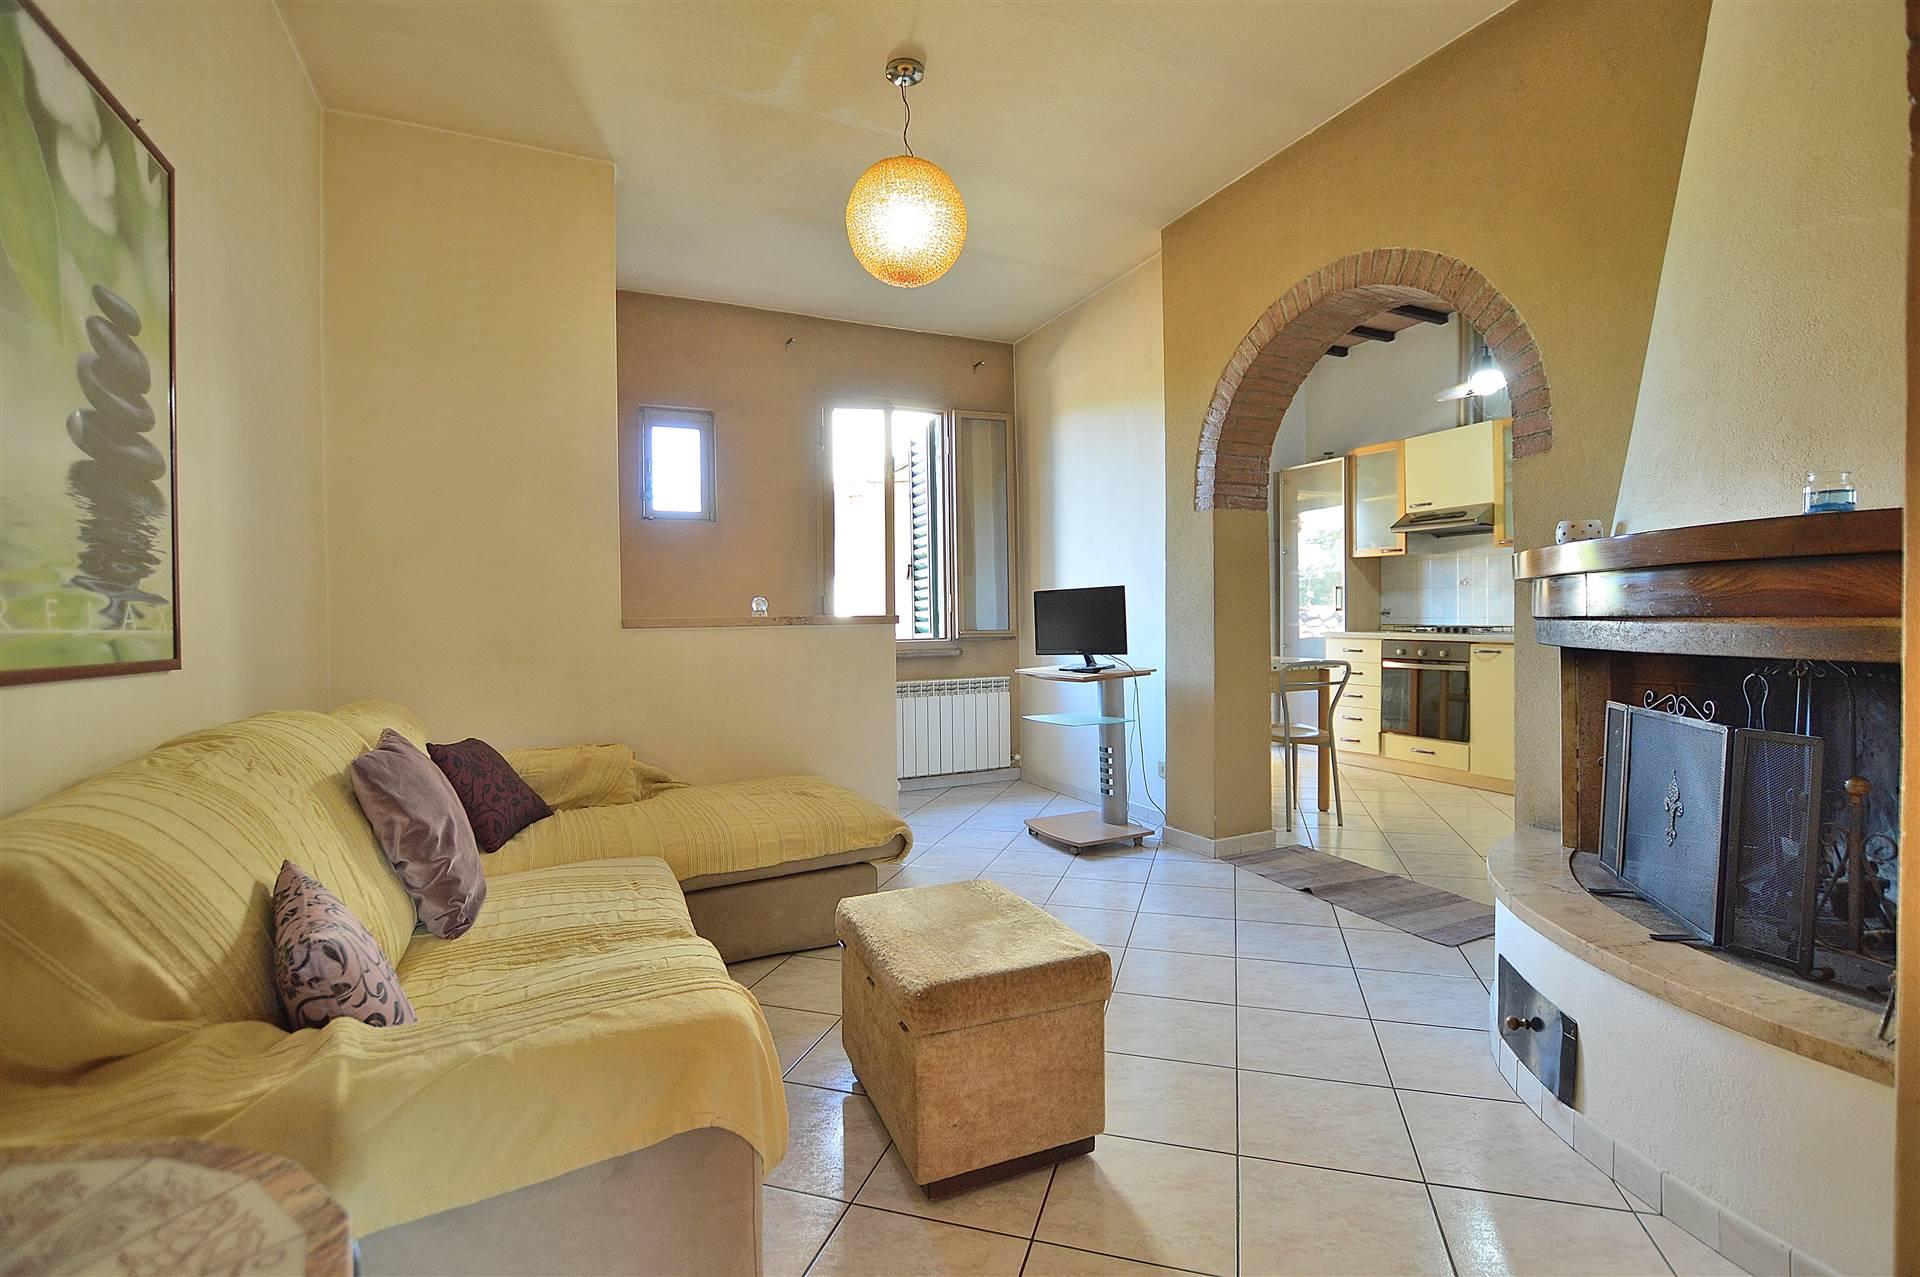 Ponte a Tressa, nel centro della frazione vicino a tutti i principali servizi, proponiamo appartamento posto al piano primo così composto: soggiorno con caminetto, cucina abitabile con affaccio su un